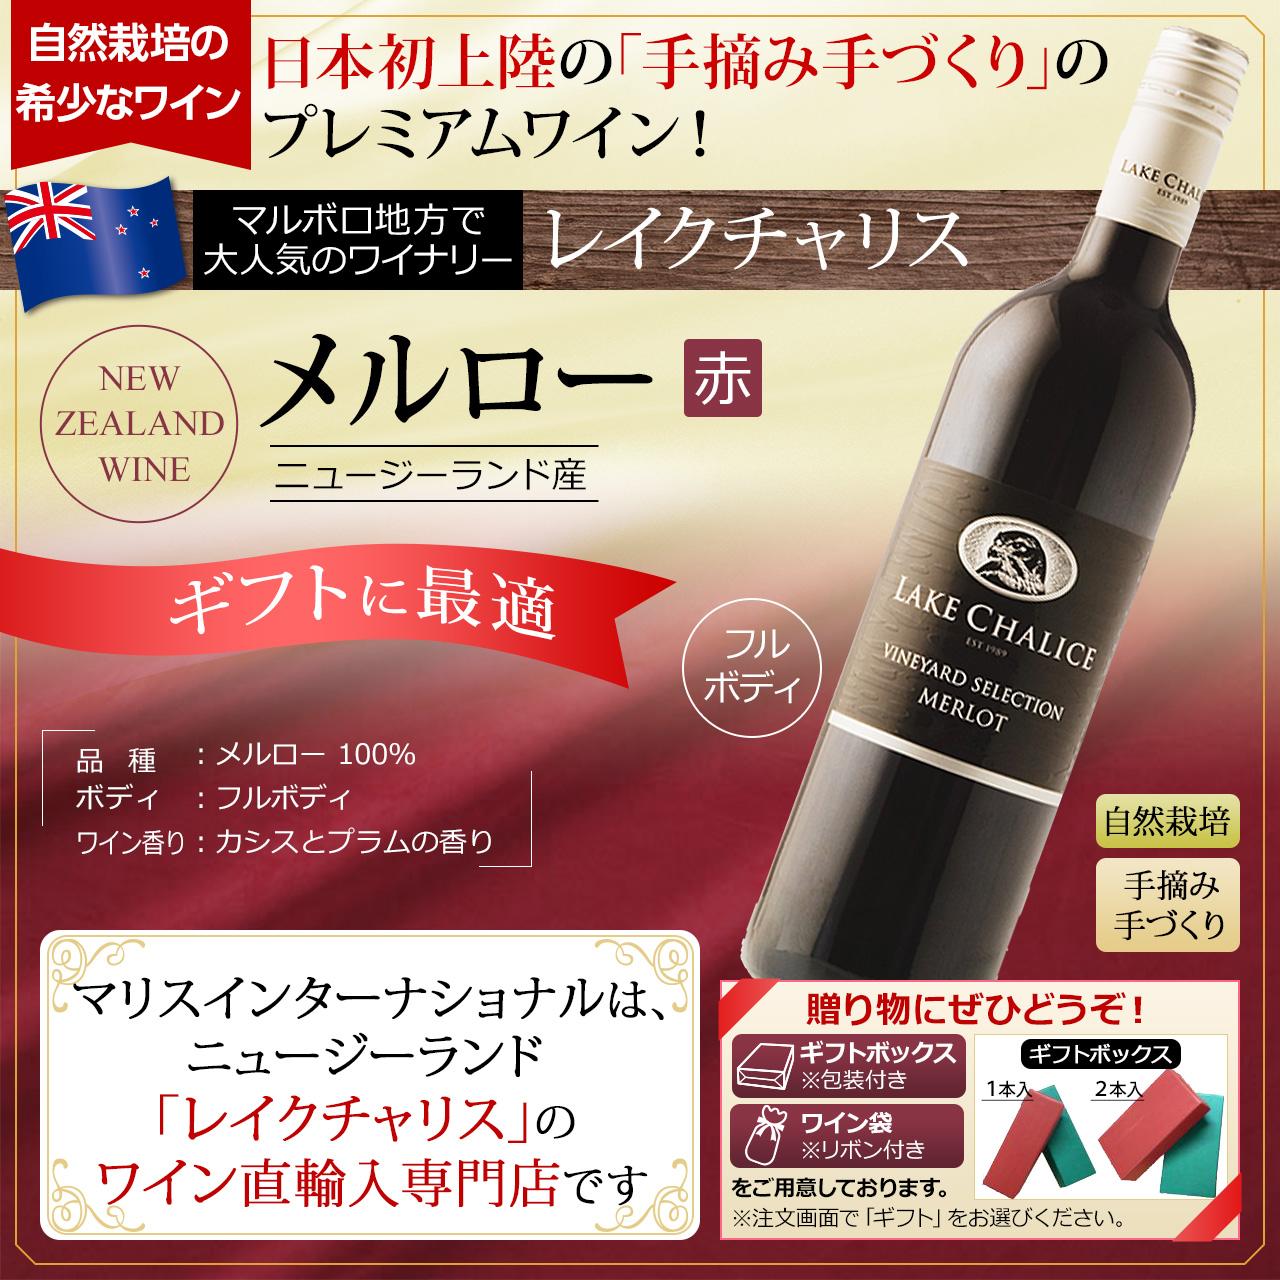 ワイン レイクチャリス 金賞 【 メルロー 赤ワイン 】手摘みブドウ 【 日本初上陸 ニュージーランド産